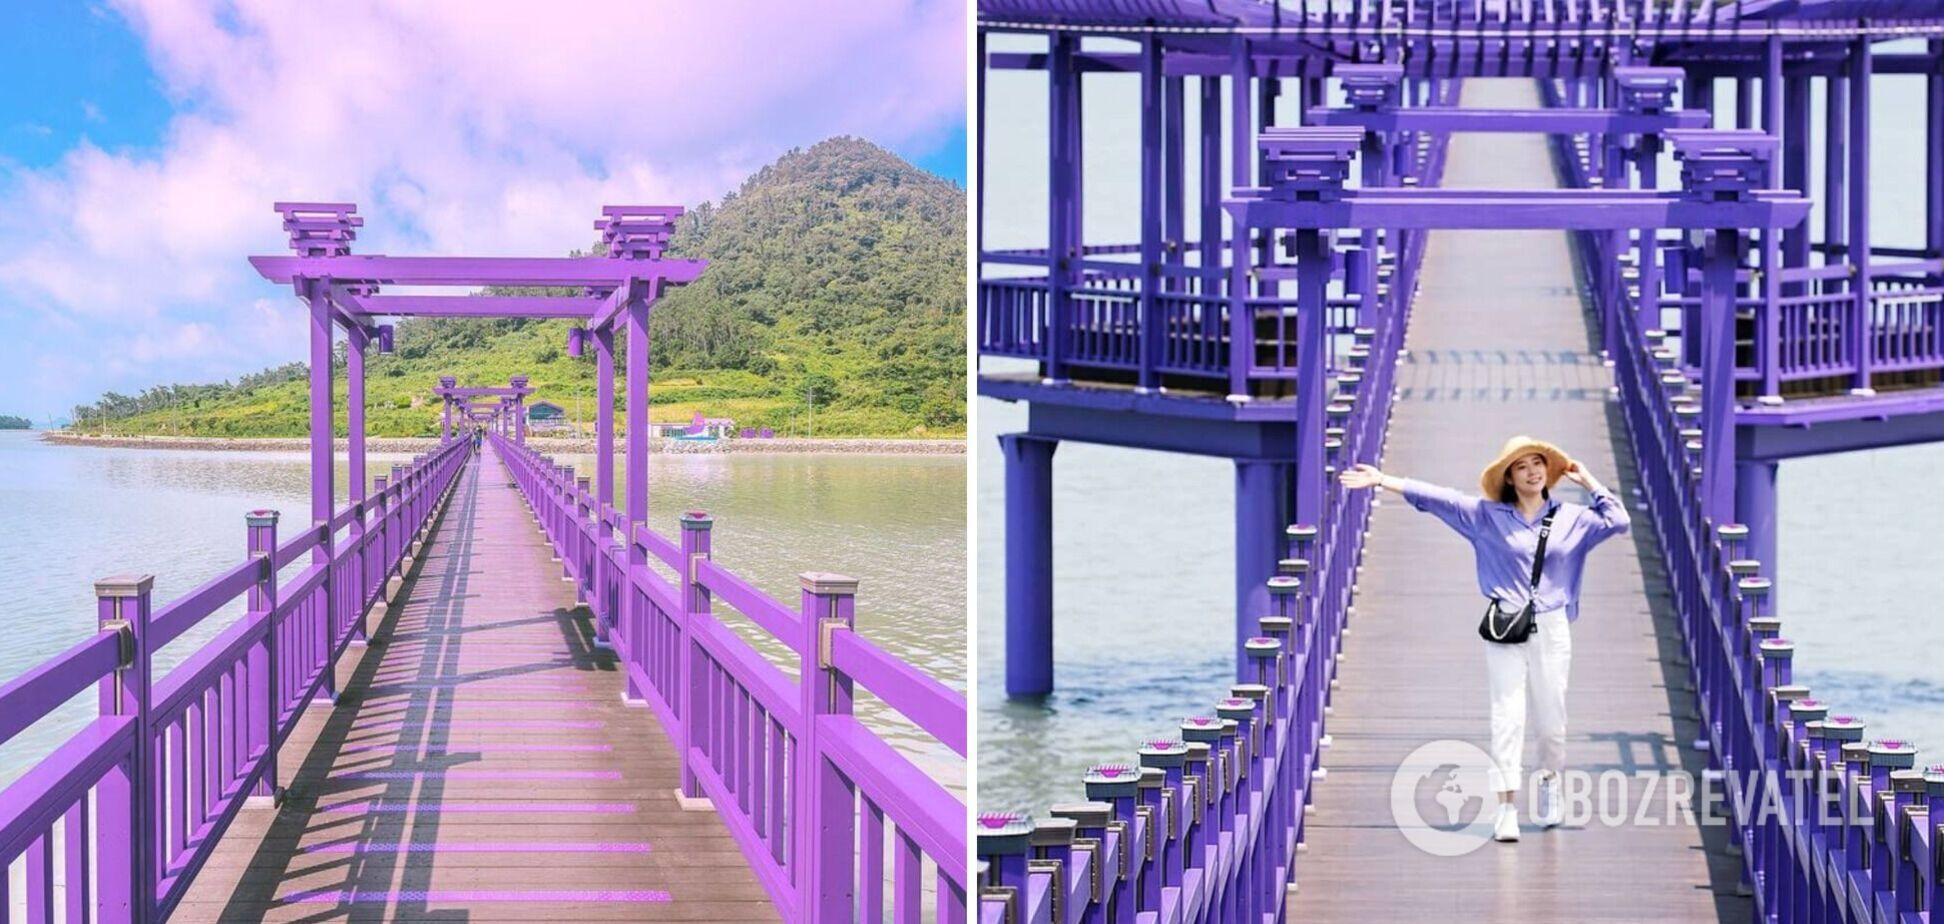 У Південній Кореї два острови розфарбували в пурпурний колір: як вони виглядають